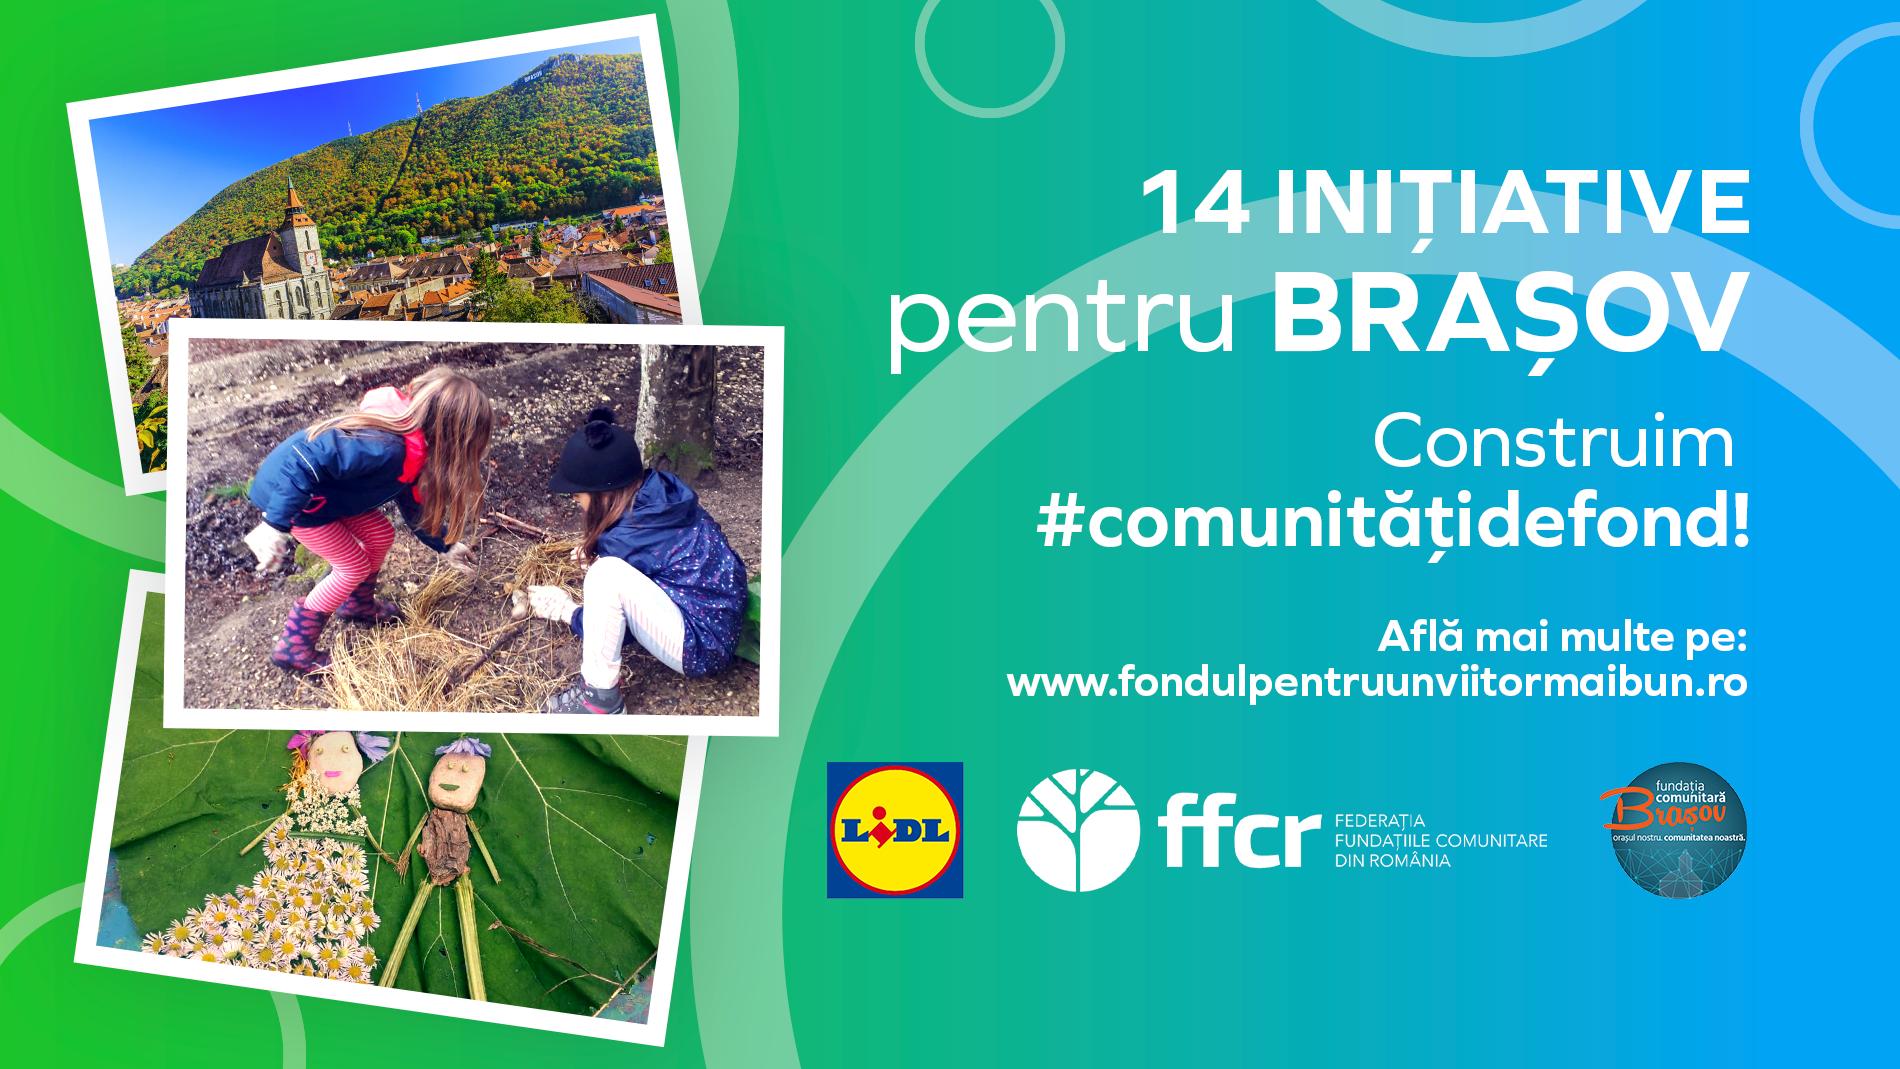 14 proiecte locale din mediu È™i educaÈ›ie primesc finanÈ›are